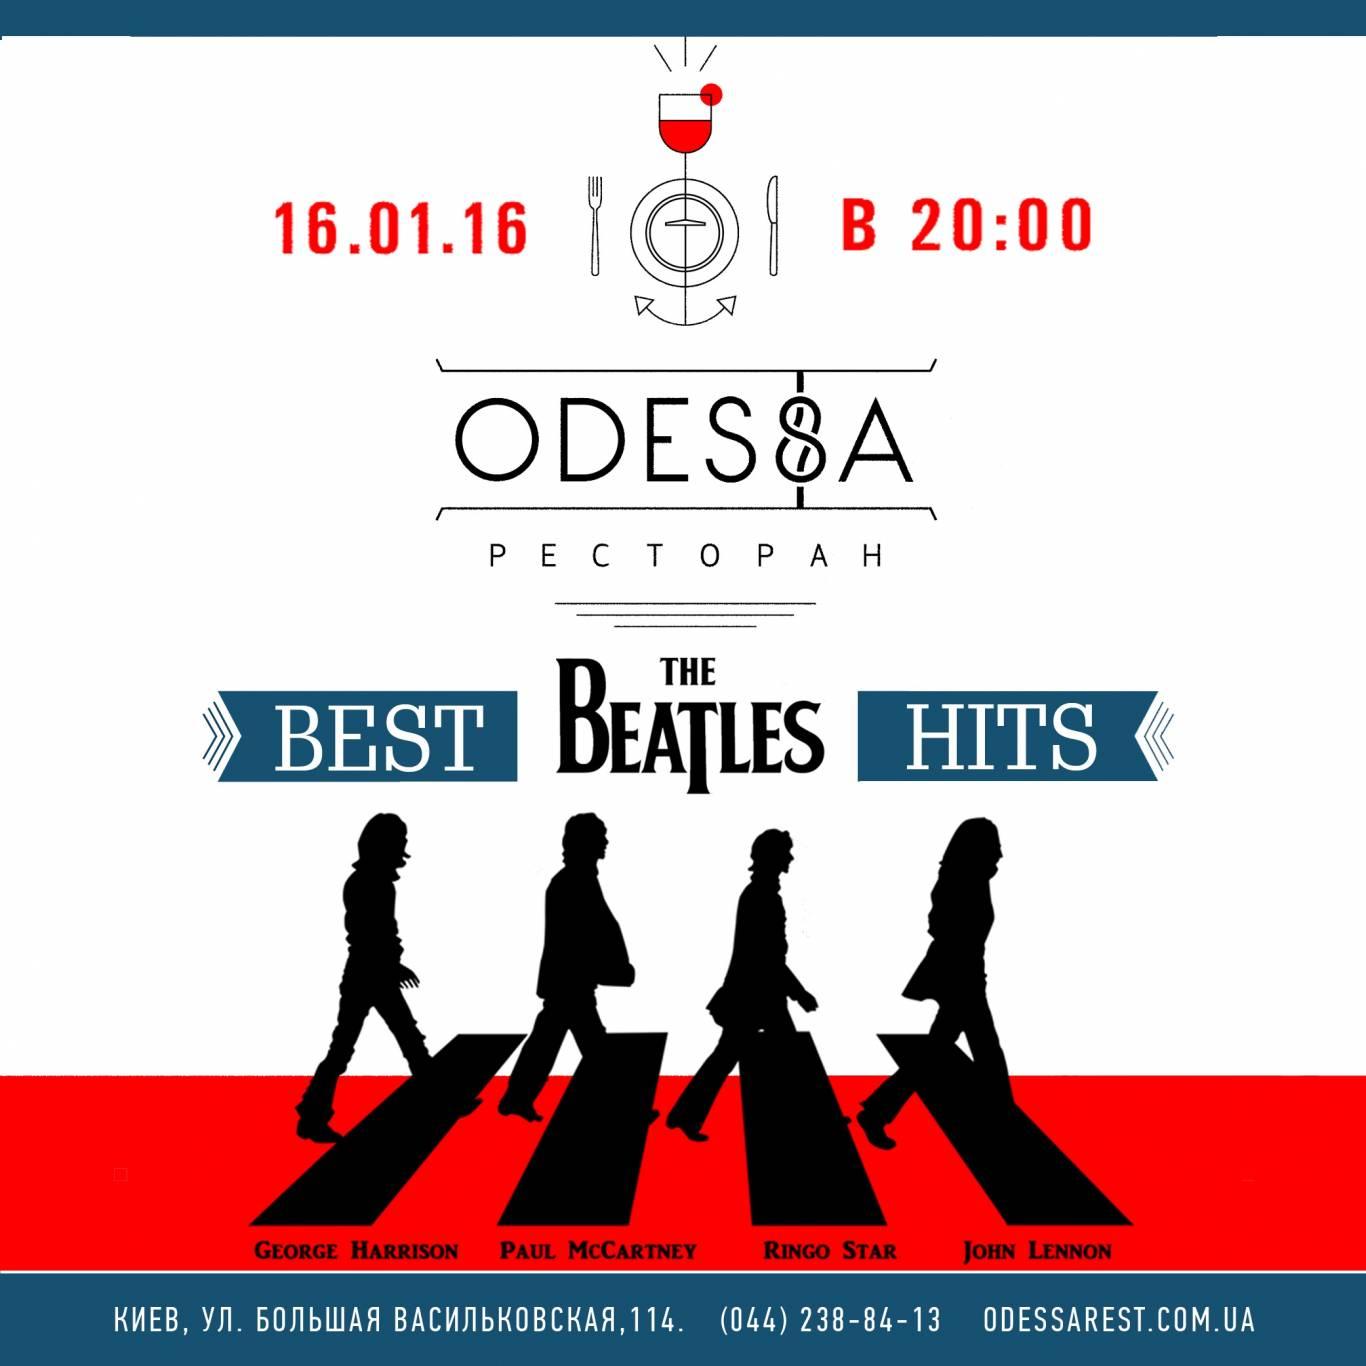 Вечір хітів The Beatles в ресторані ODESSA